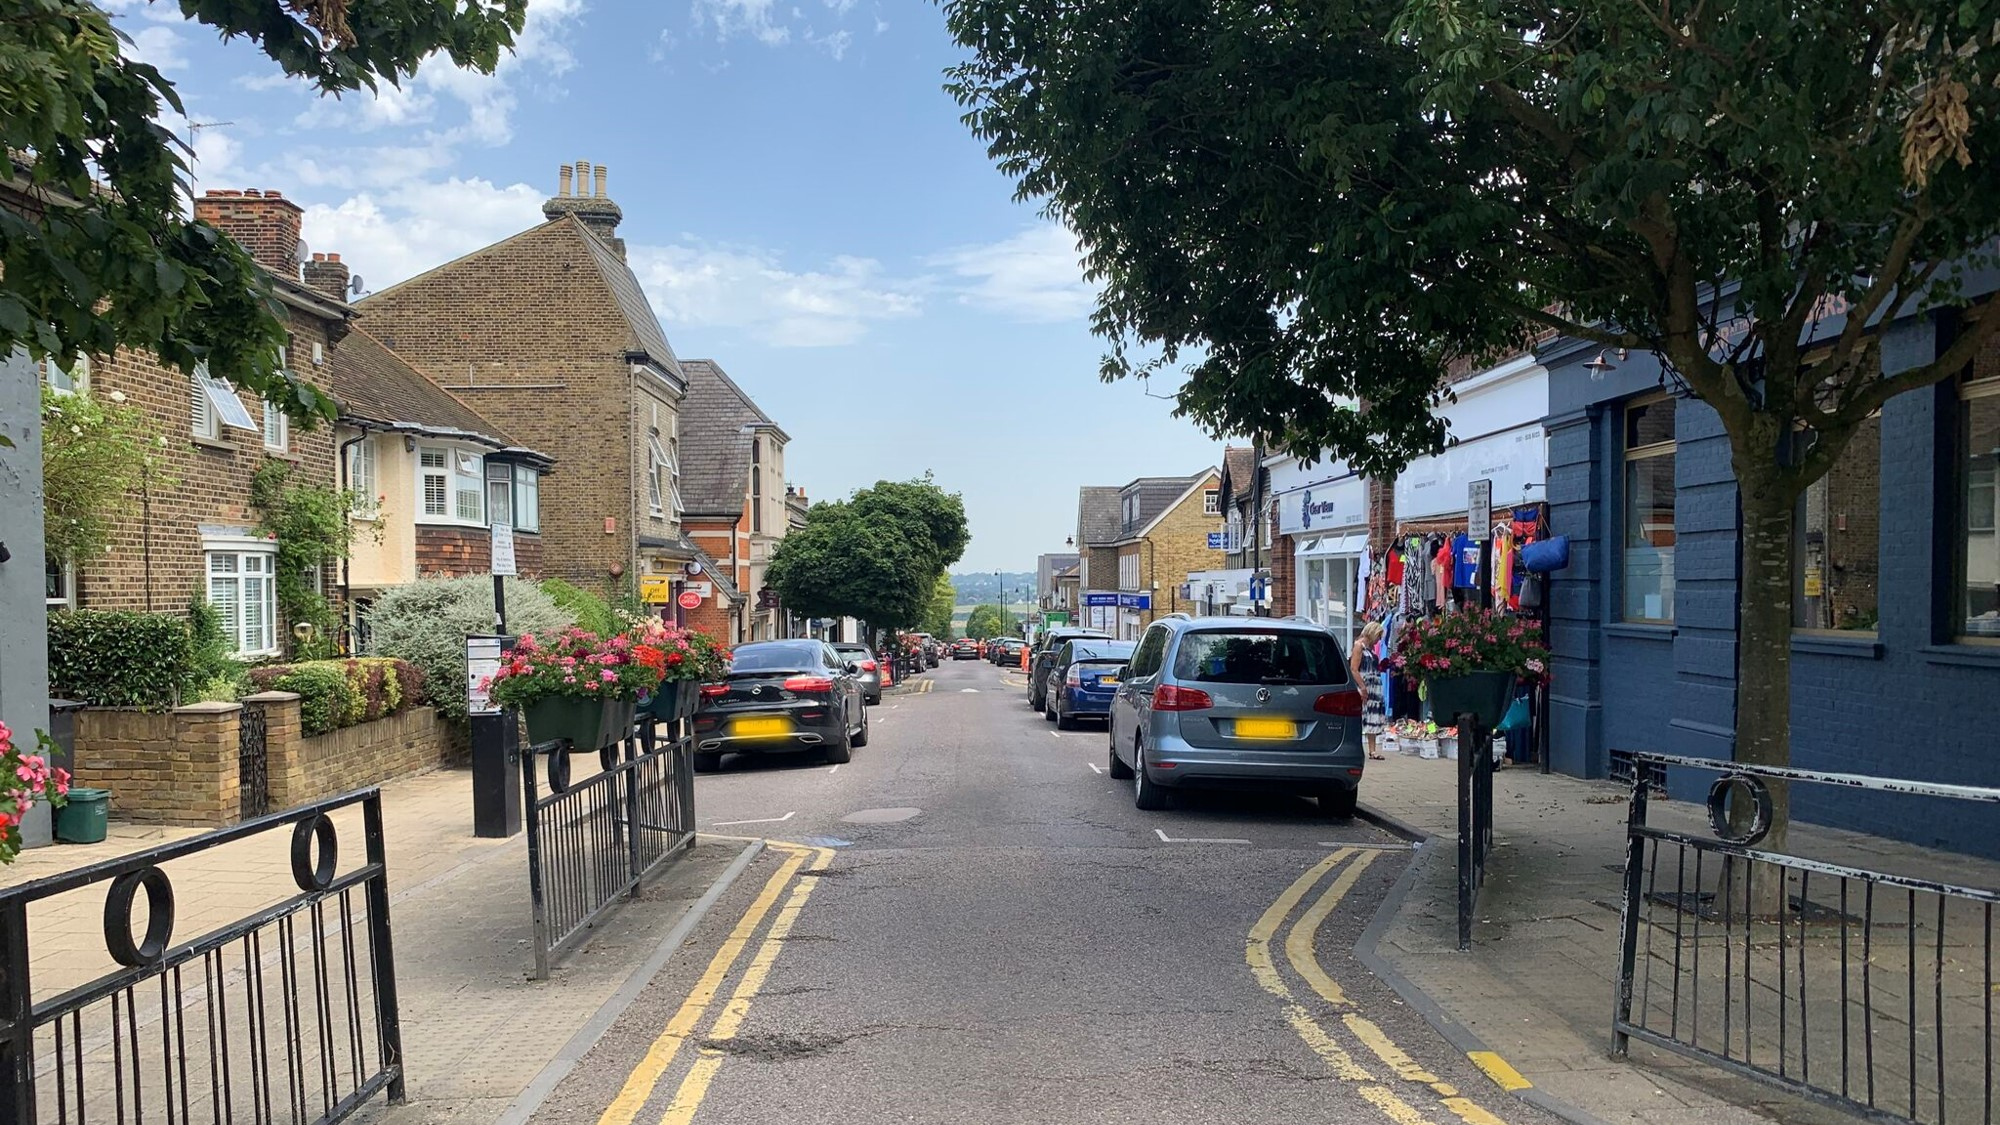 Queens-Road-Buckhurst-Hill-Upper